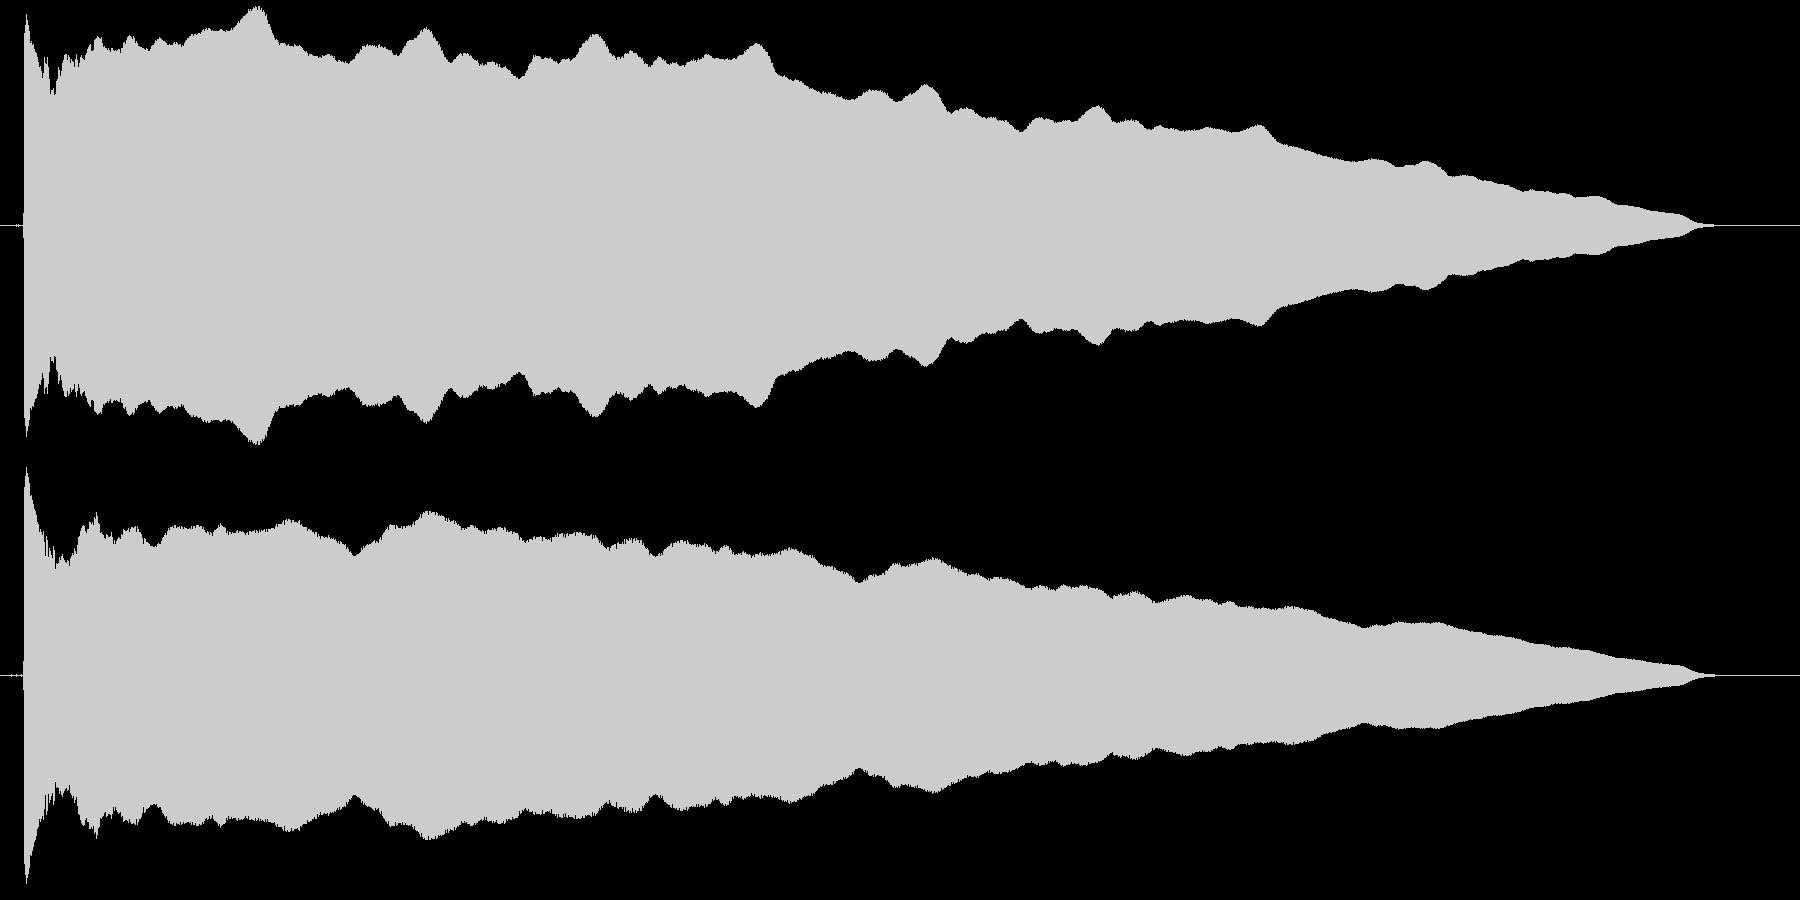 カウント 単発 ぴーーー ピー レーダーの未再生の波形